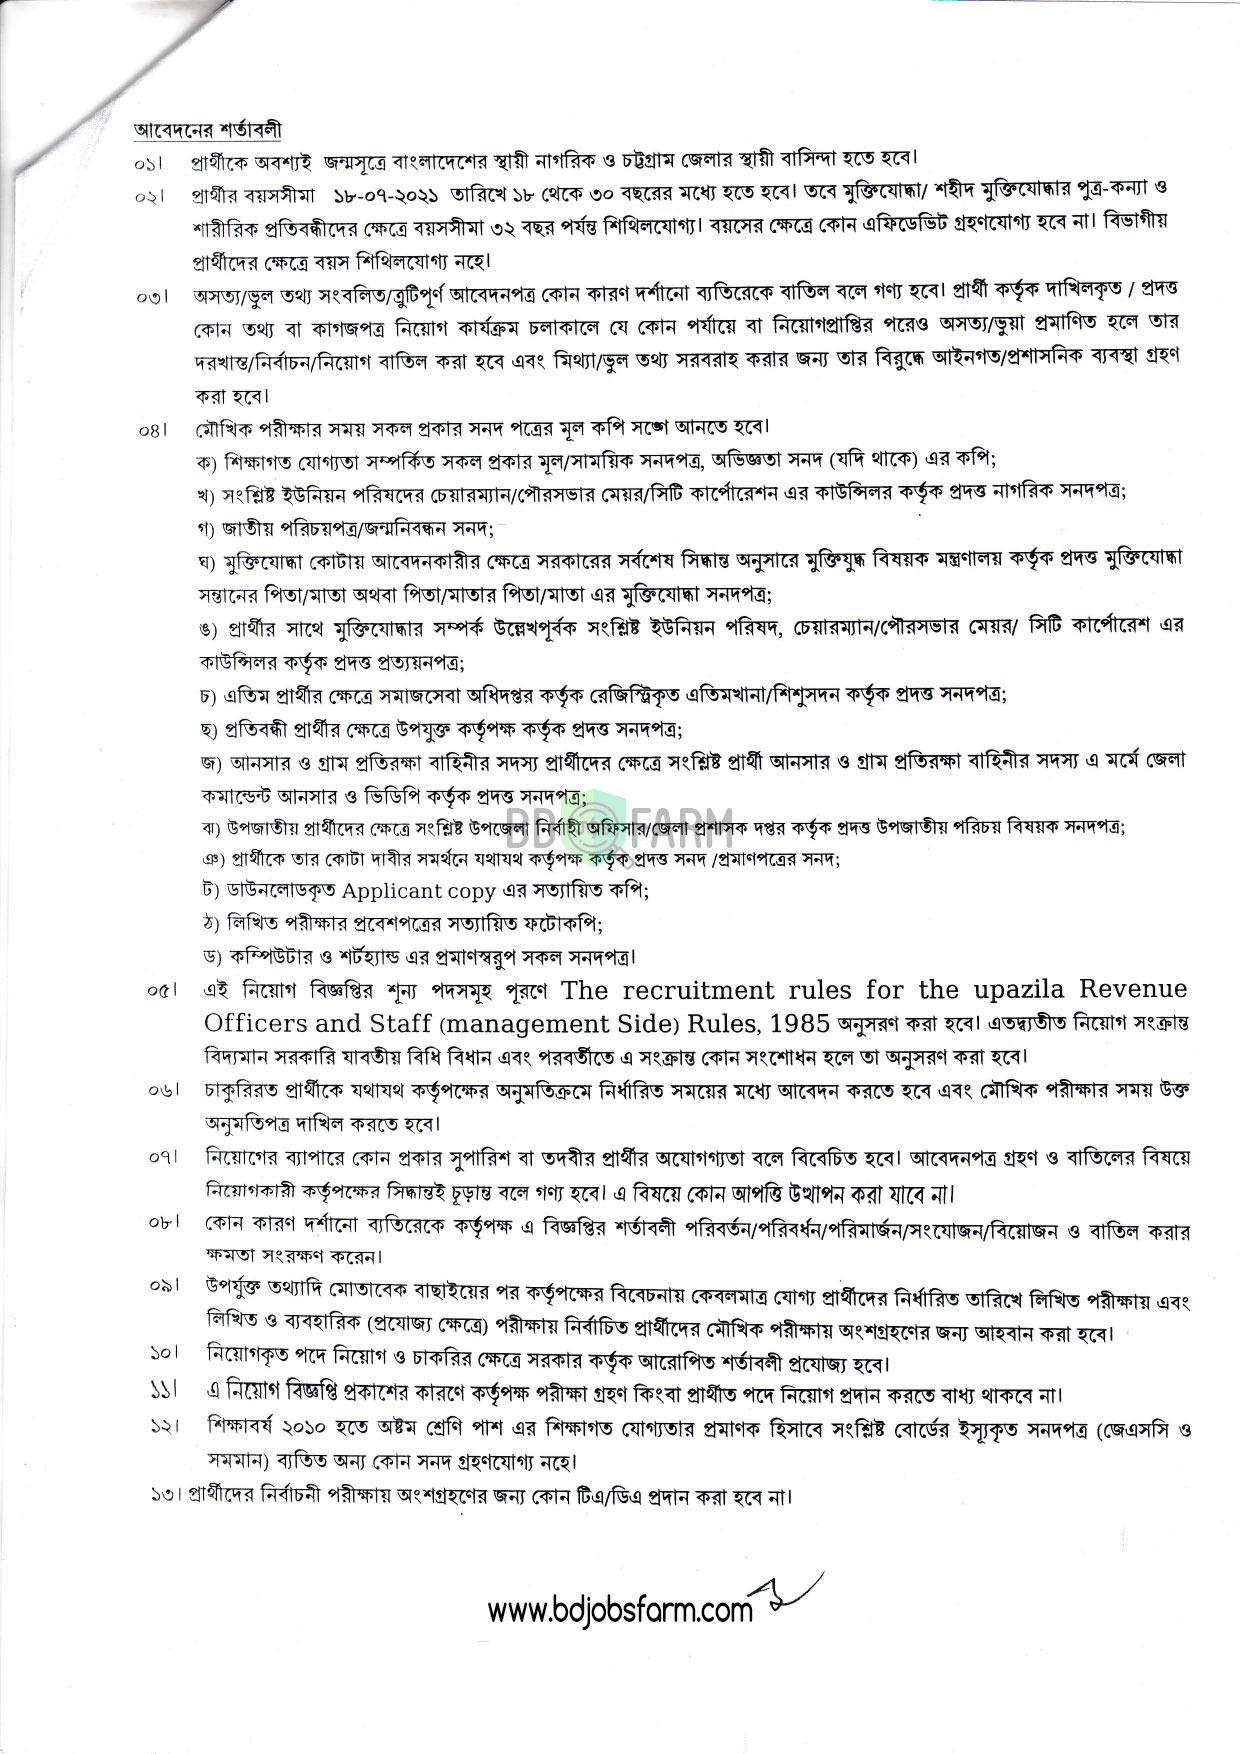 চট্টগ্রাম জেলা প্রশাসকের কার্যালয় নিয়োগ বিজ্ঞপ্তি